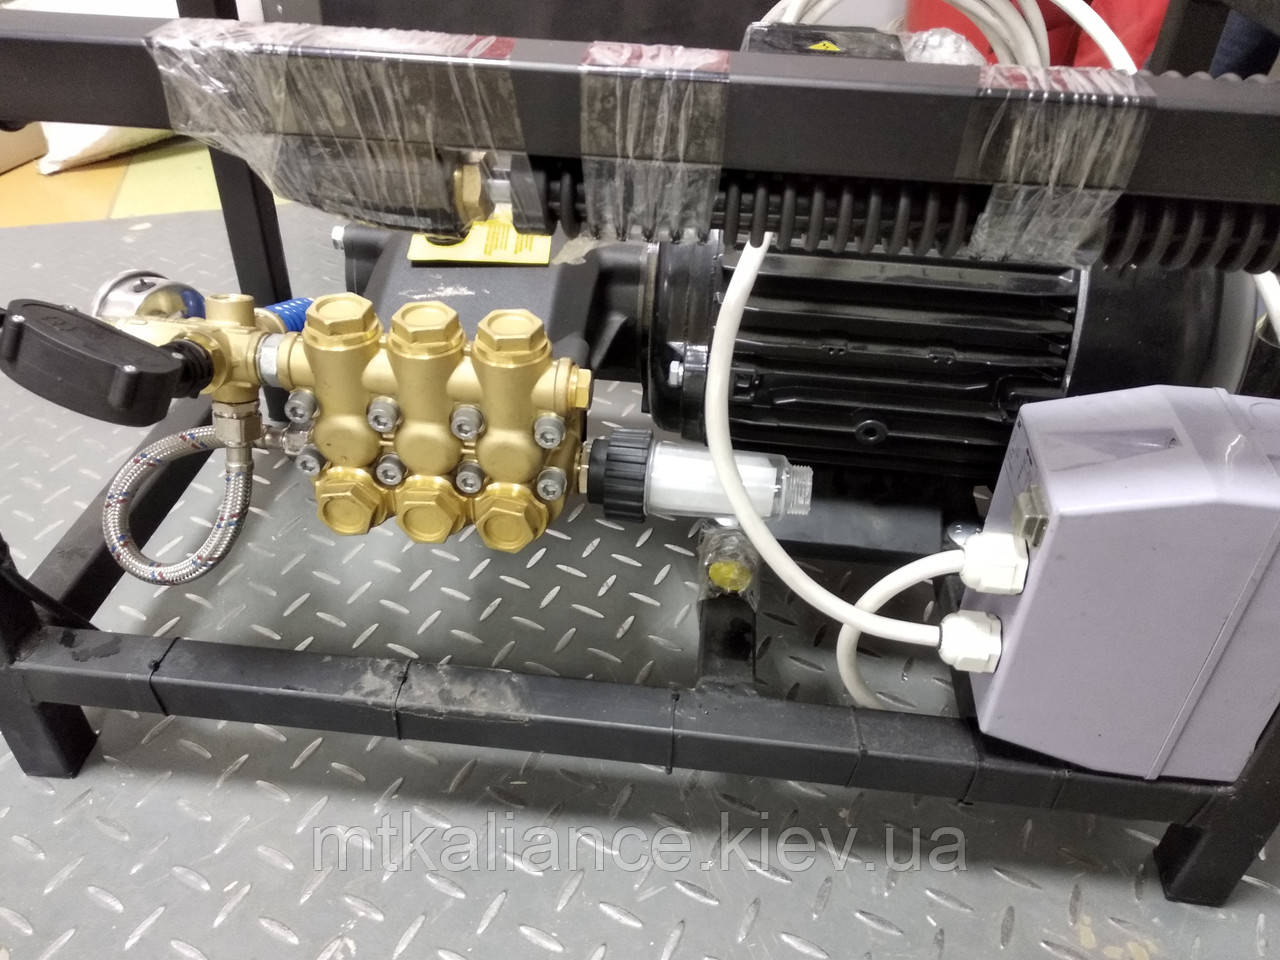 Апарат високого тиску Alliance NMT 15/20 , 200бар / 900 ч. л.